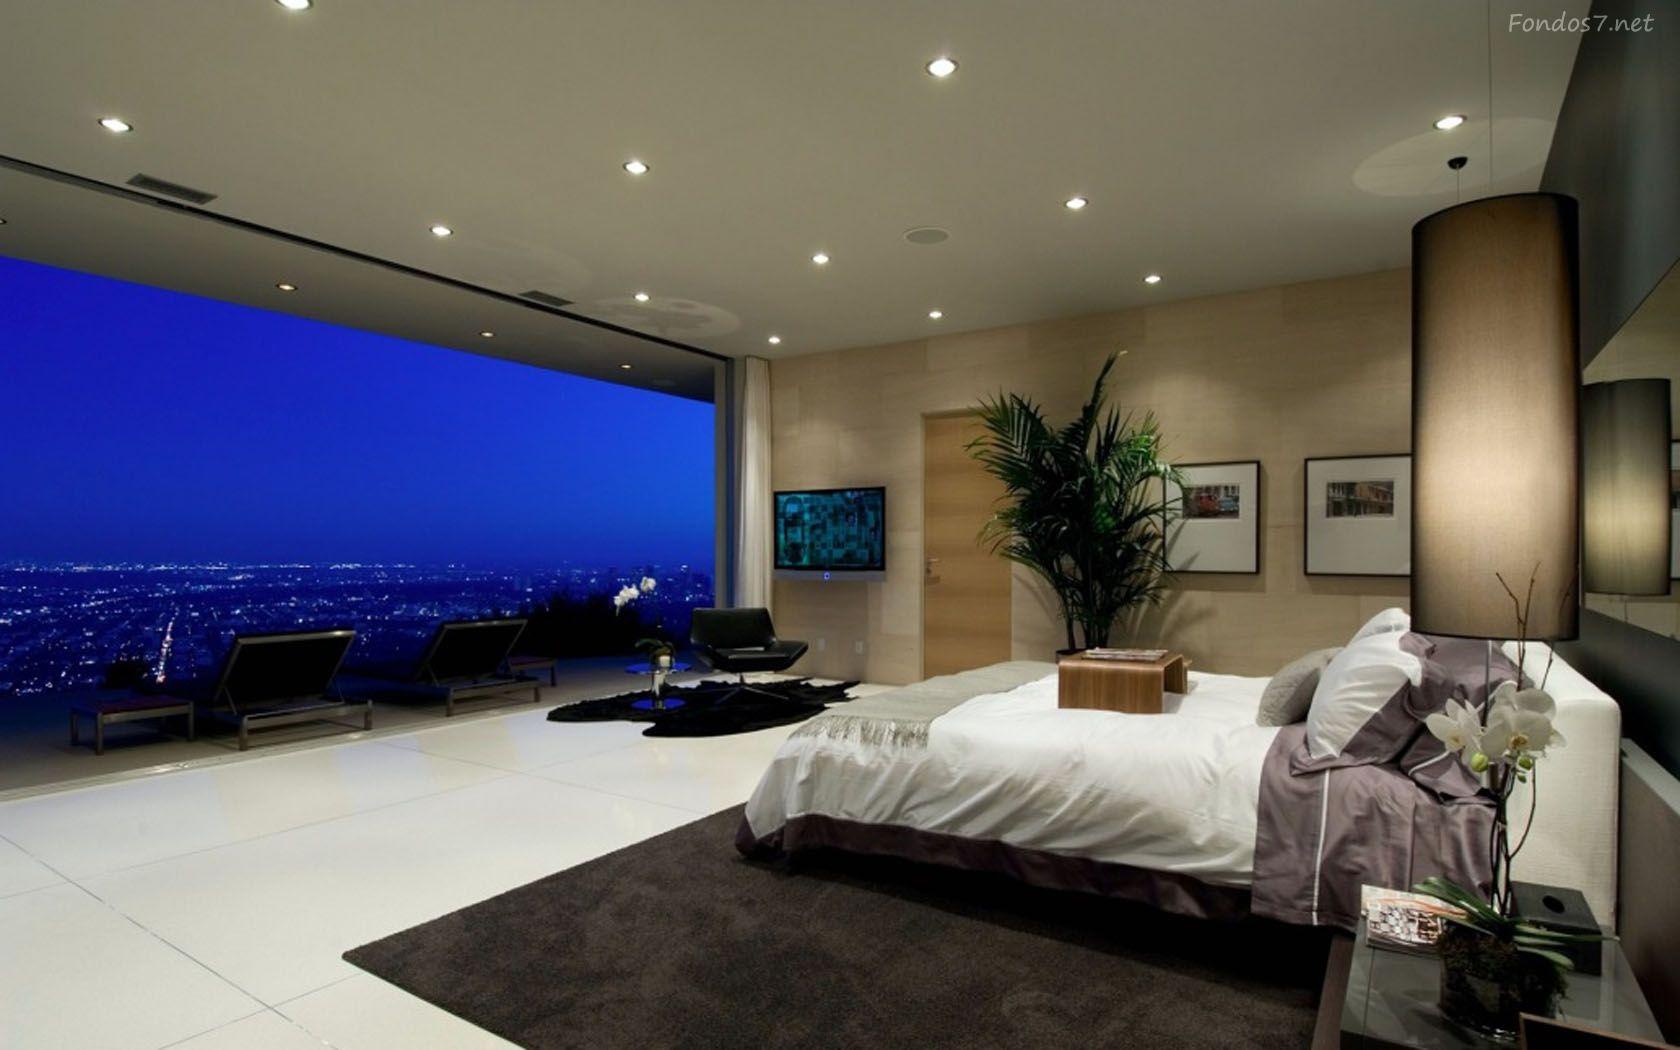 Cuartos modernos buscar con google dormitorio - Busco disenador de interiores ...